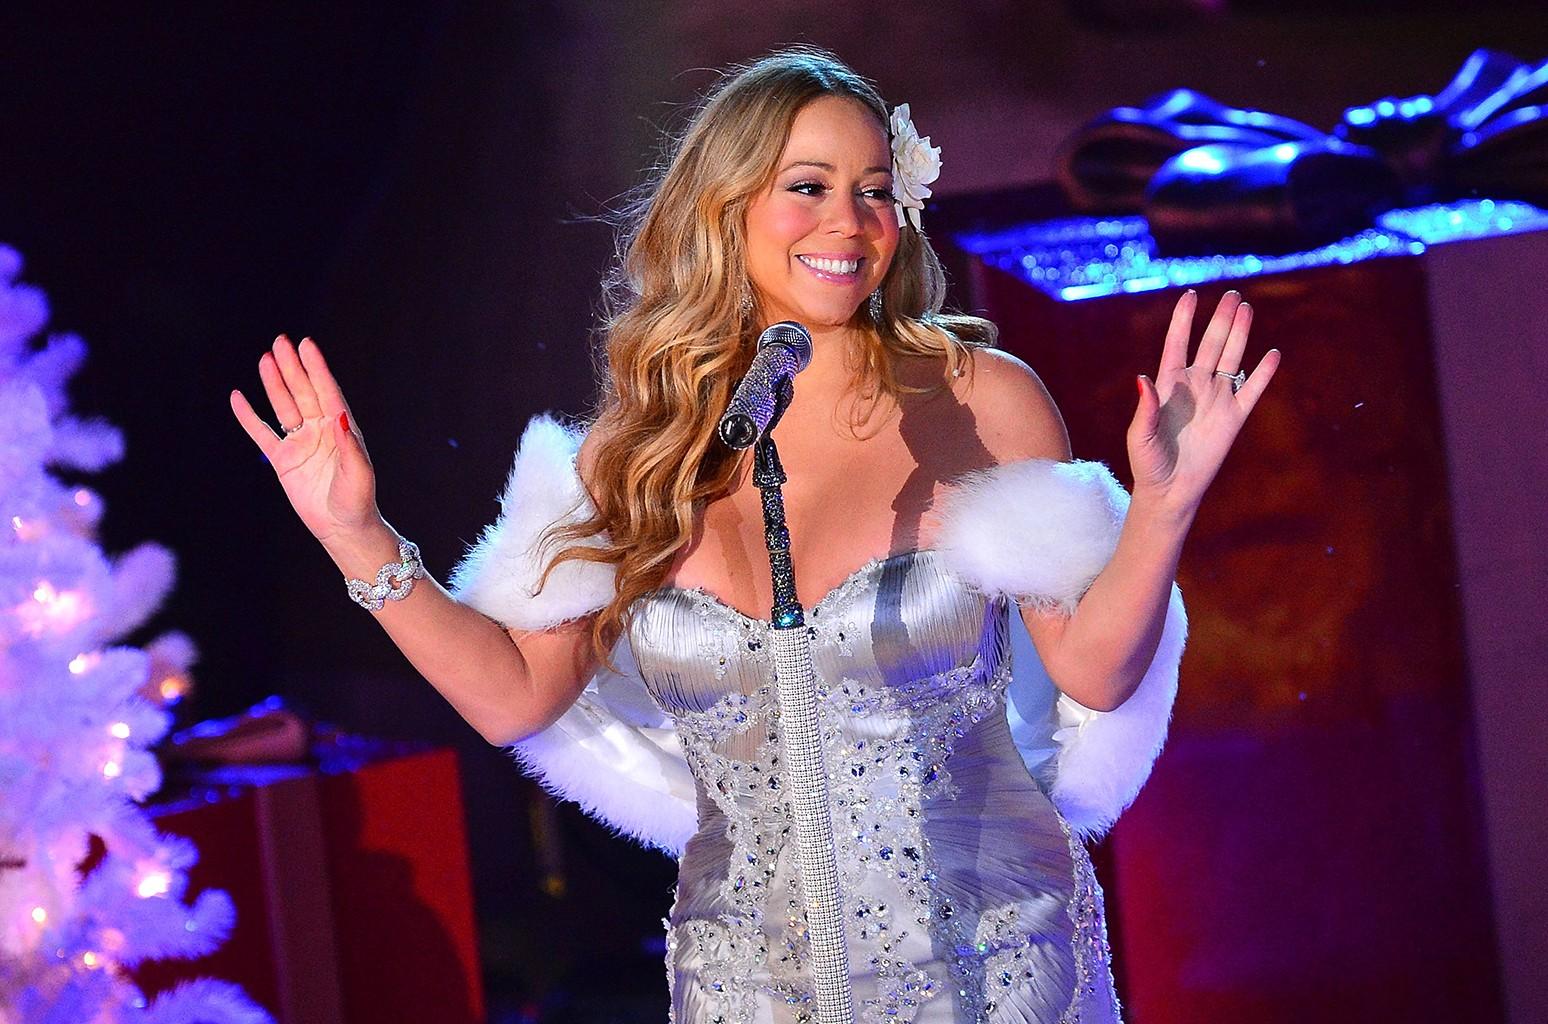 Mariah Carey performs in 2012